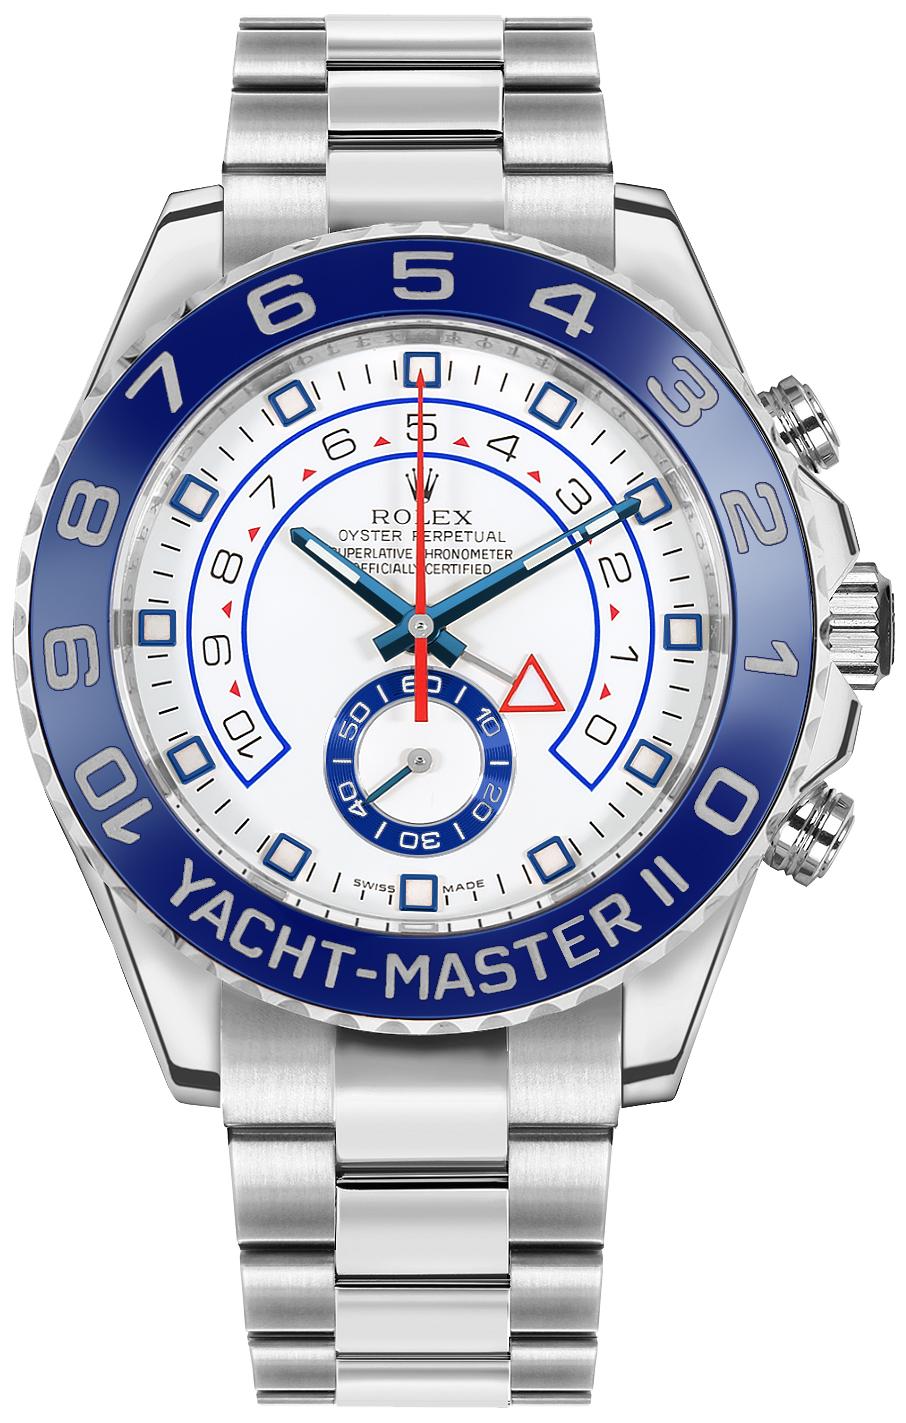 Rolex Yacht-Master II White Dial Men's Luxury Watch 116680